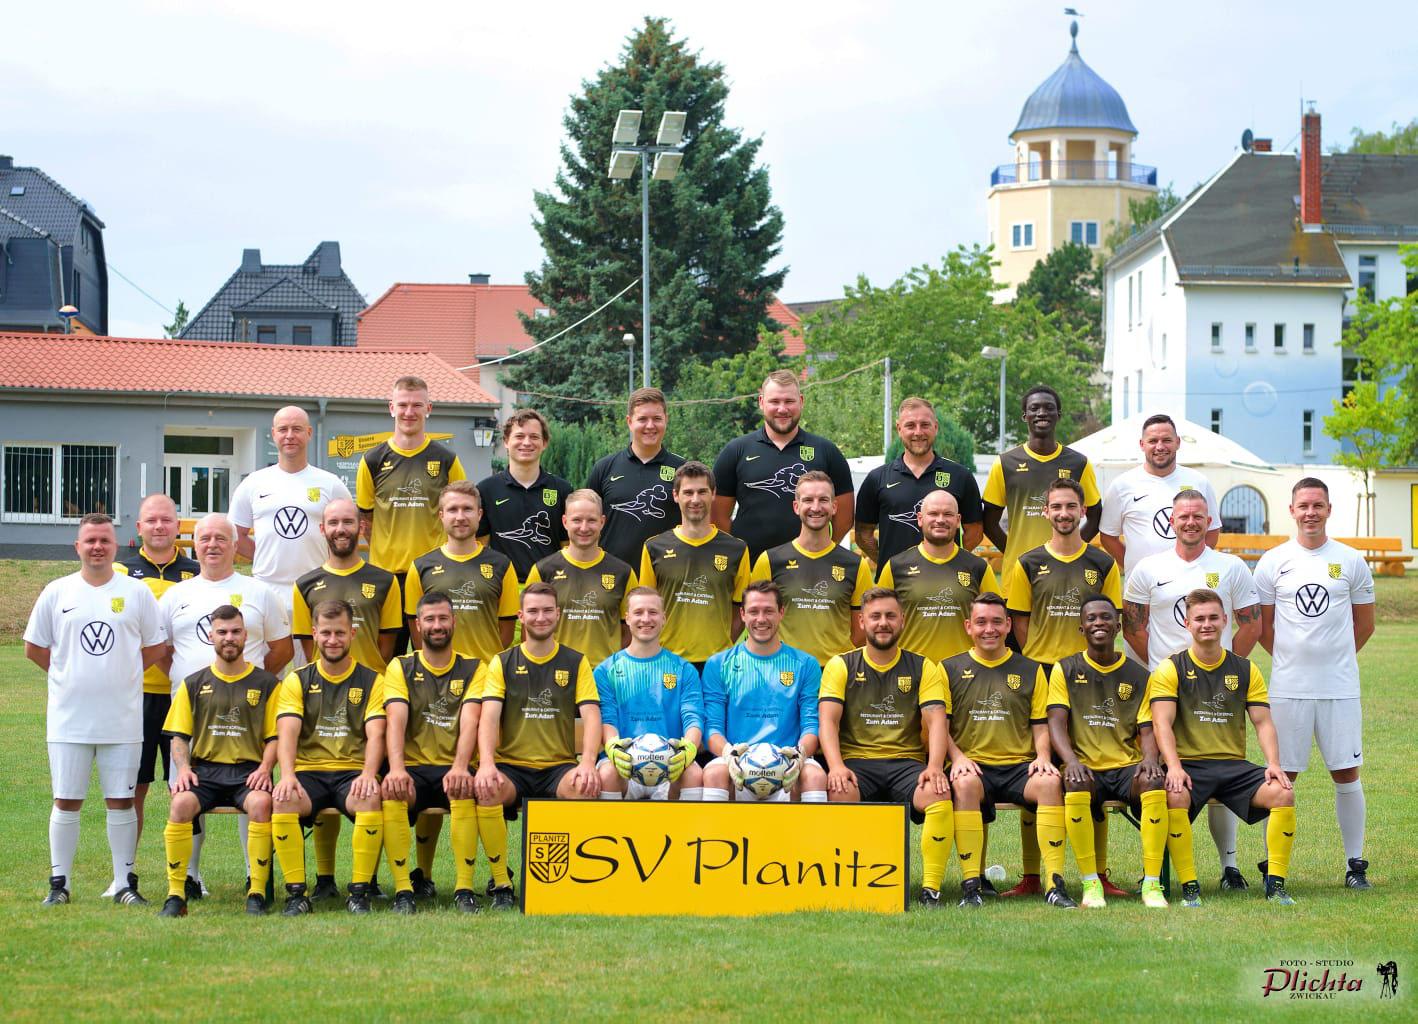 Sv Planitz